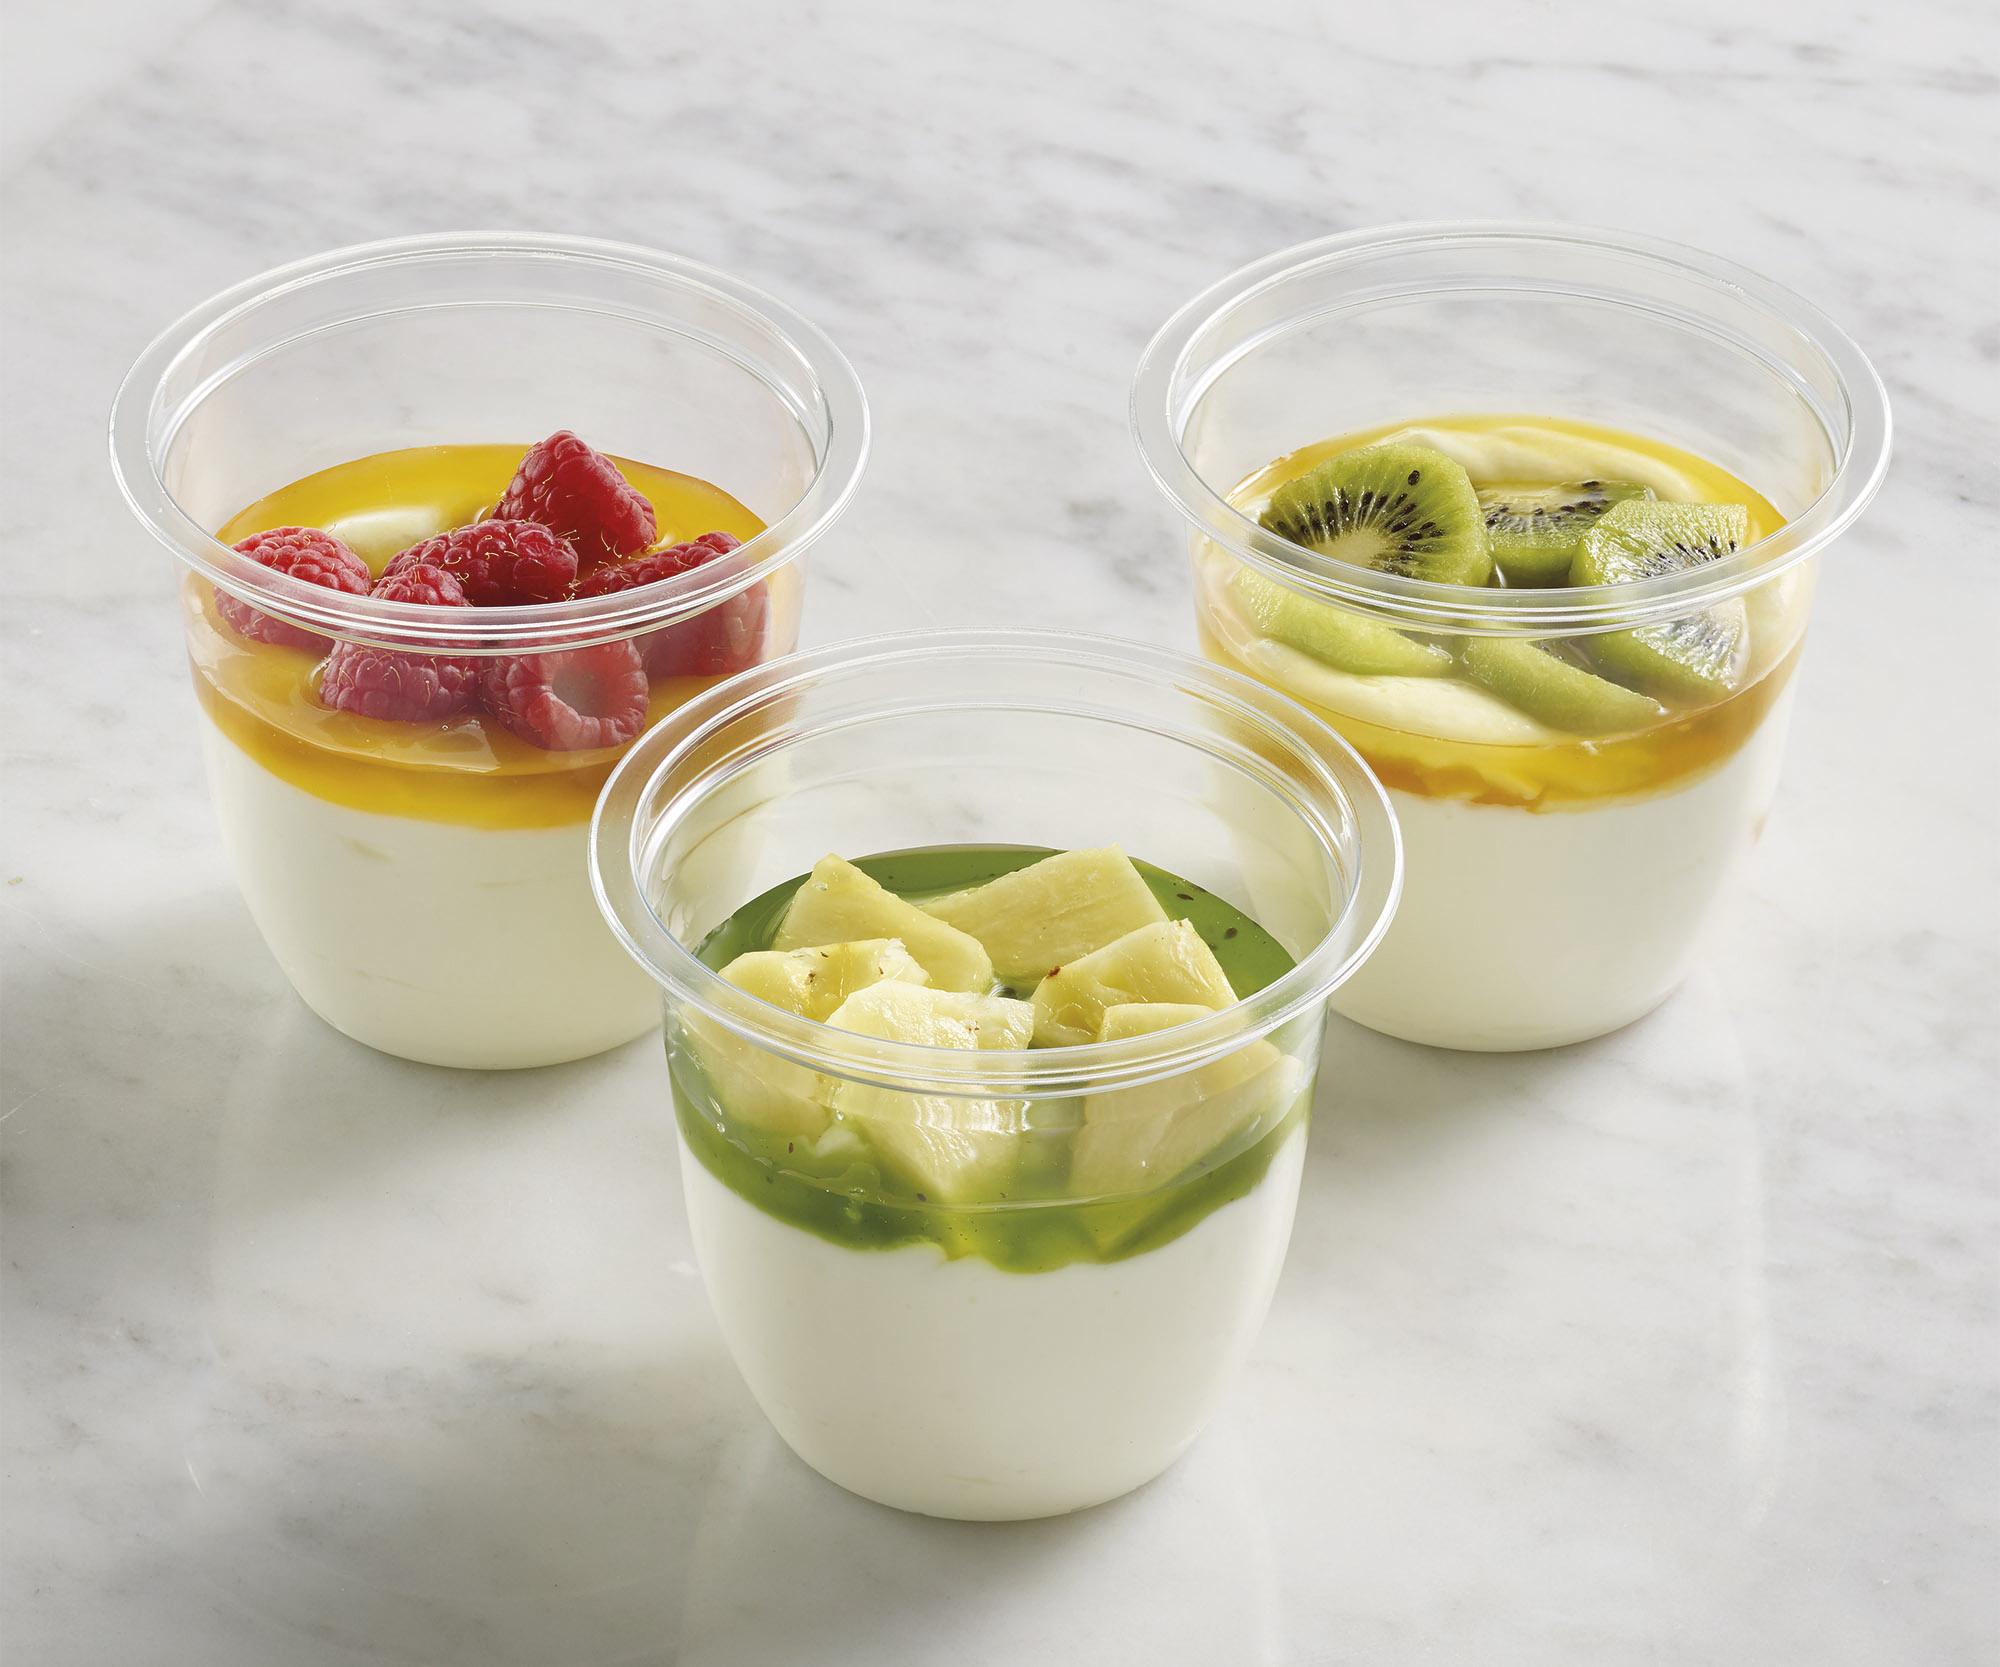 FROMAGE BLANC 0% FRUITS ET COULIS DE FRUITS